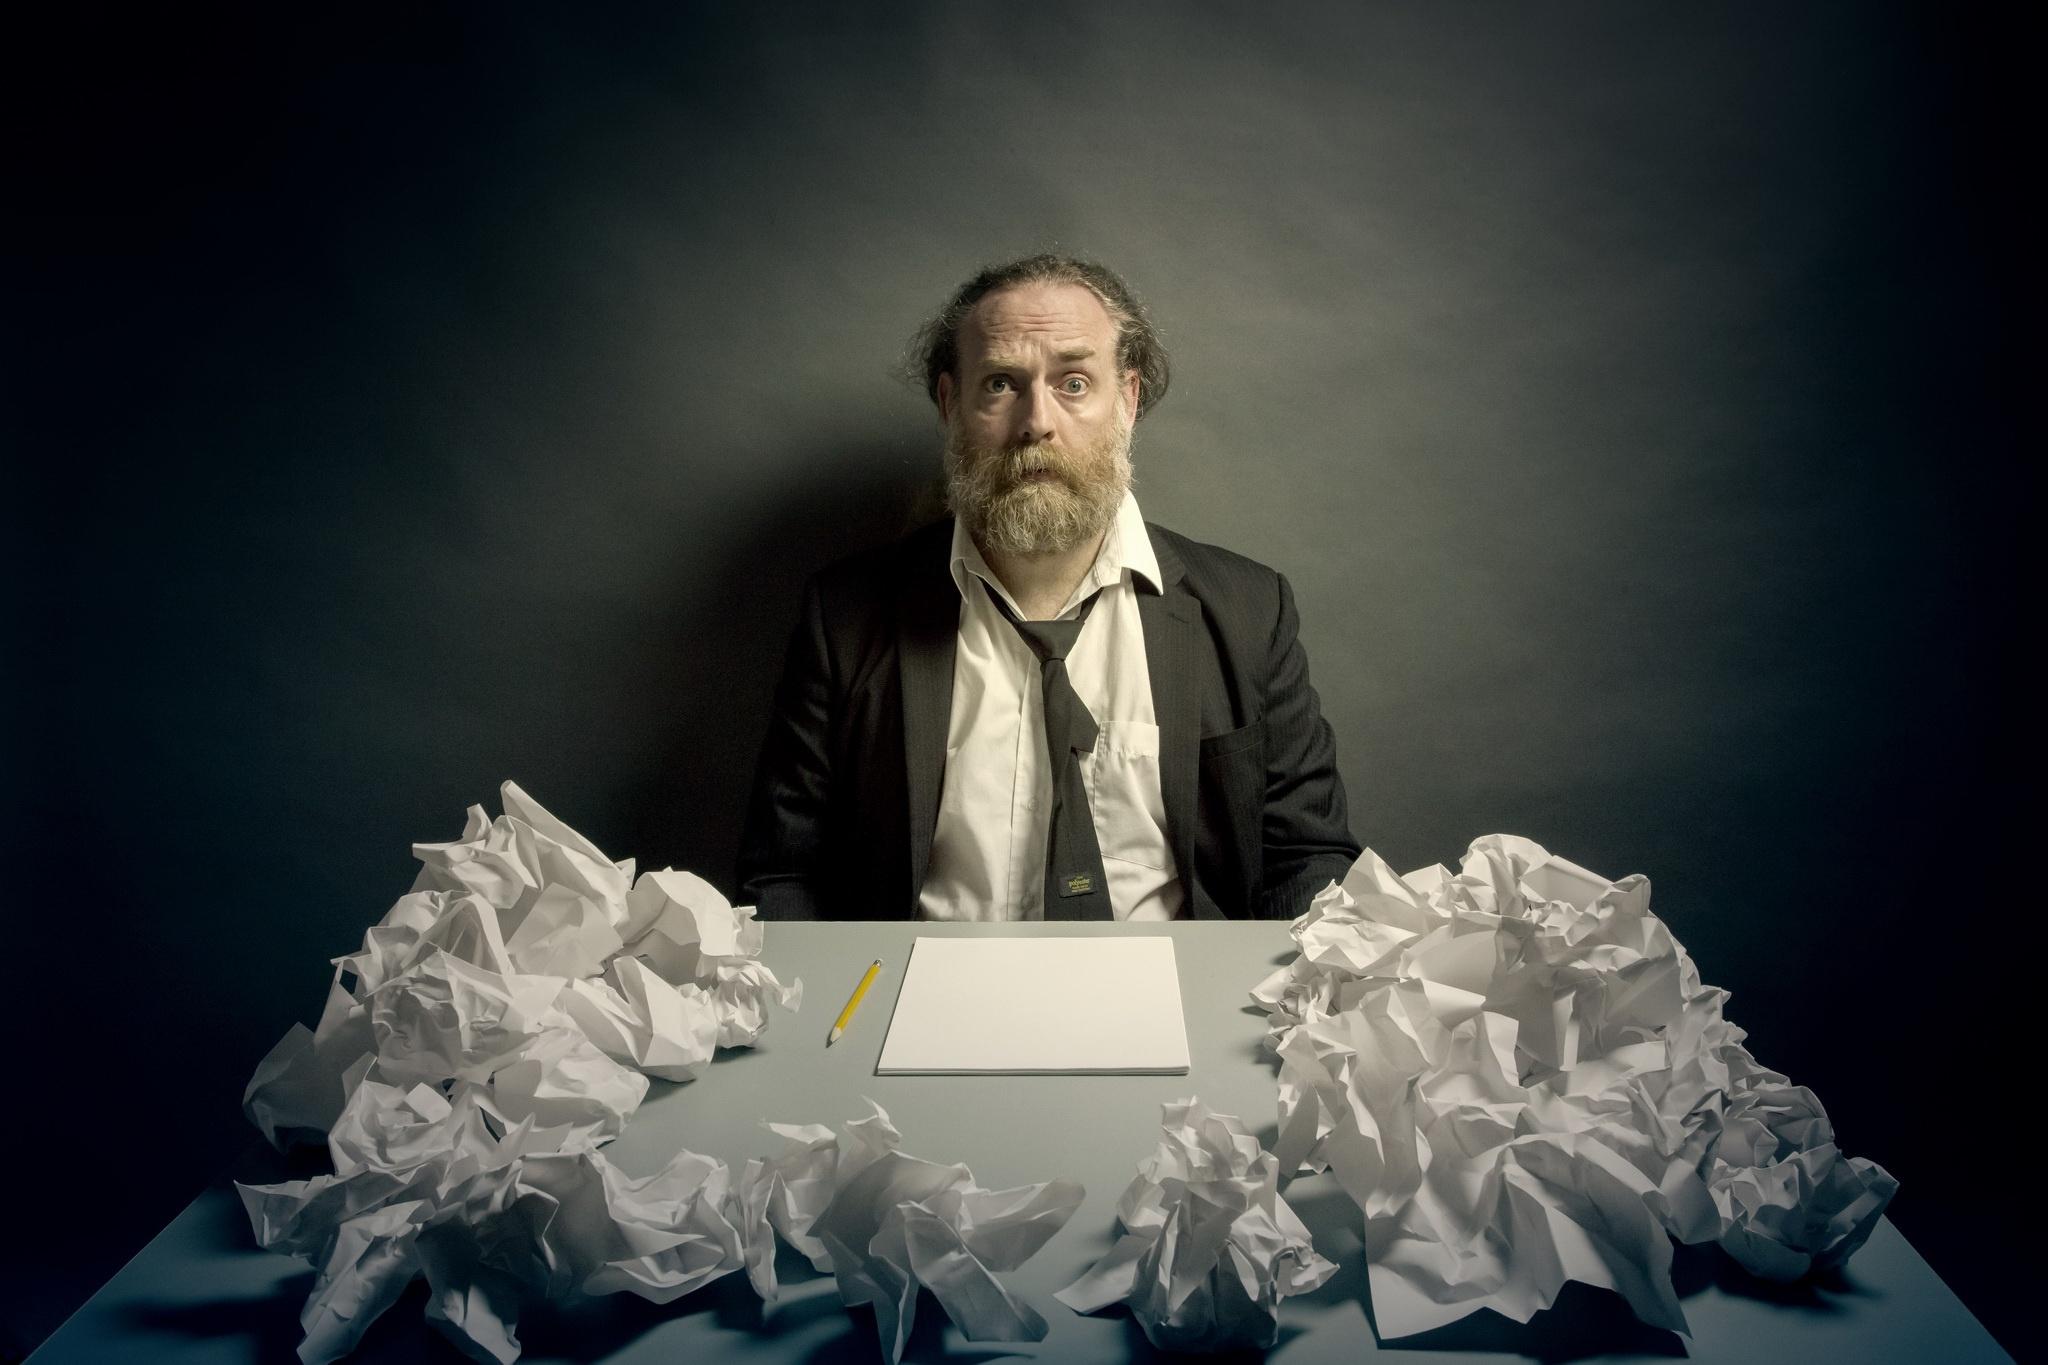 Пишем хороший текст. Что такое авторский профессионализм и как его достичь